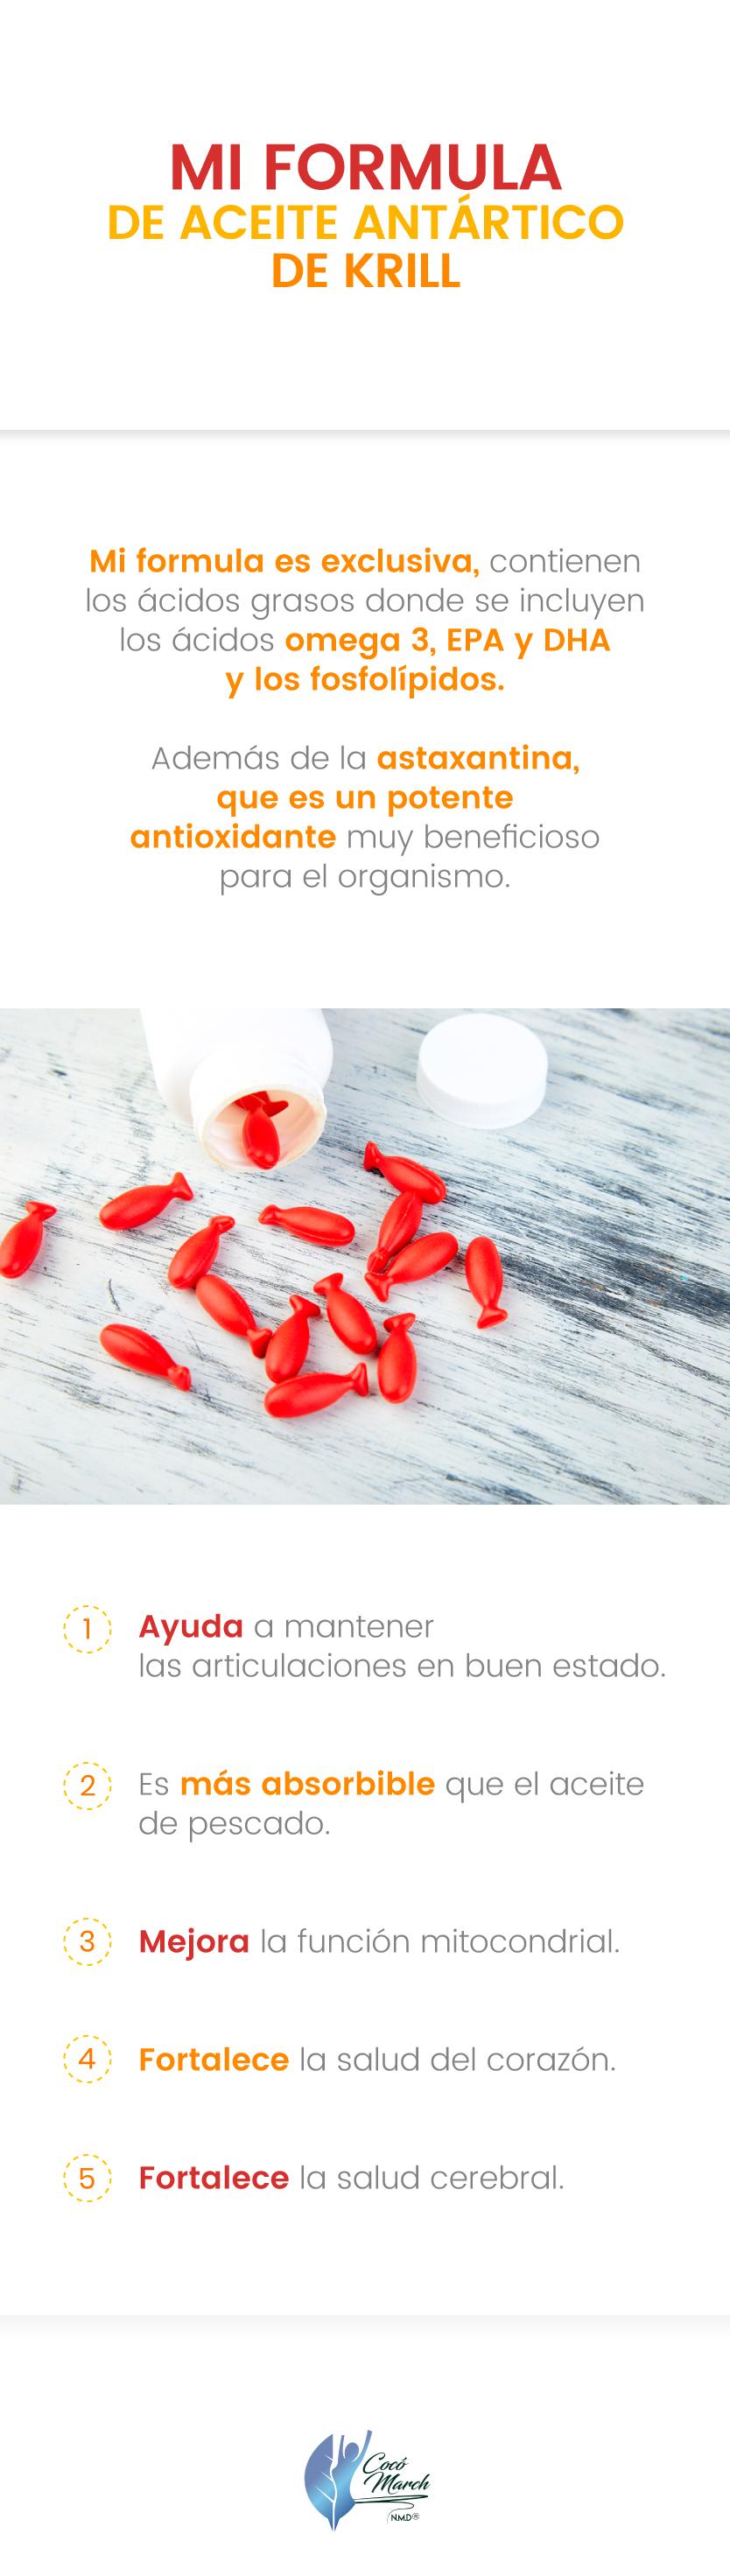 mi-formula-de-aceite-de-krill